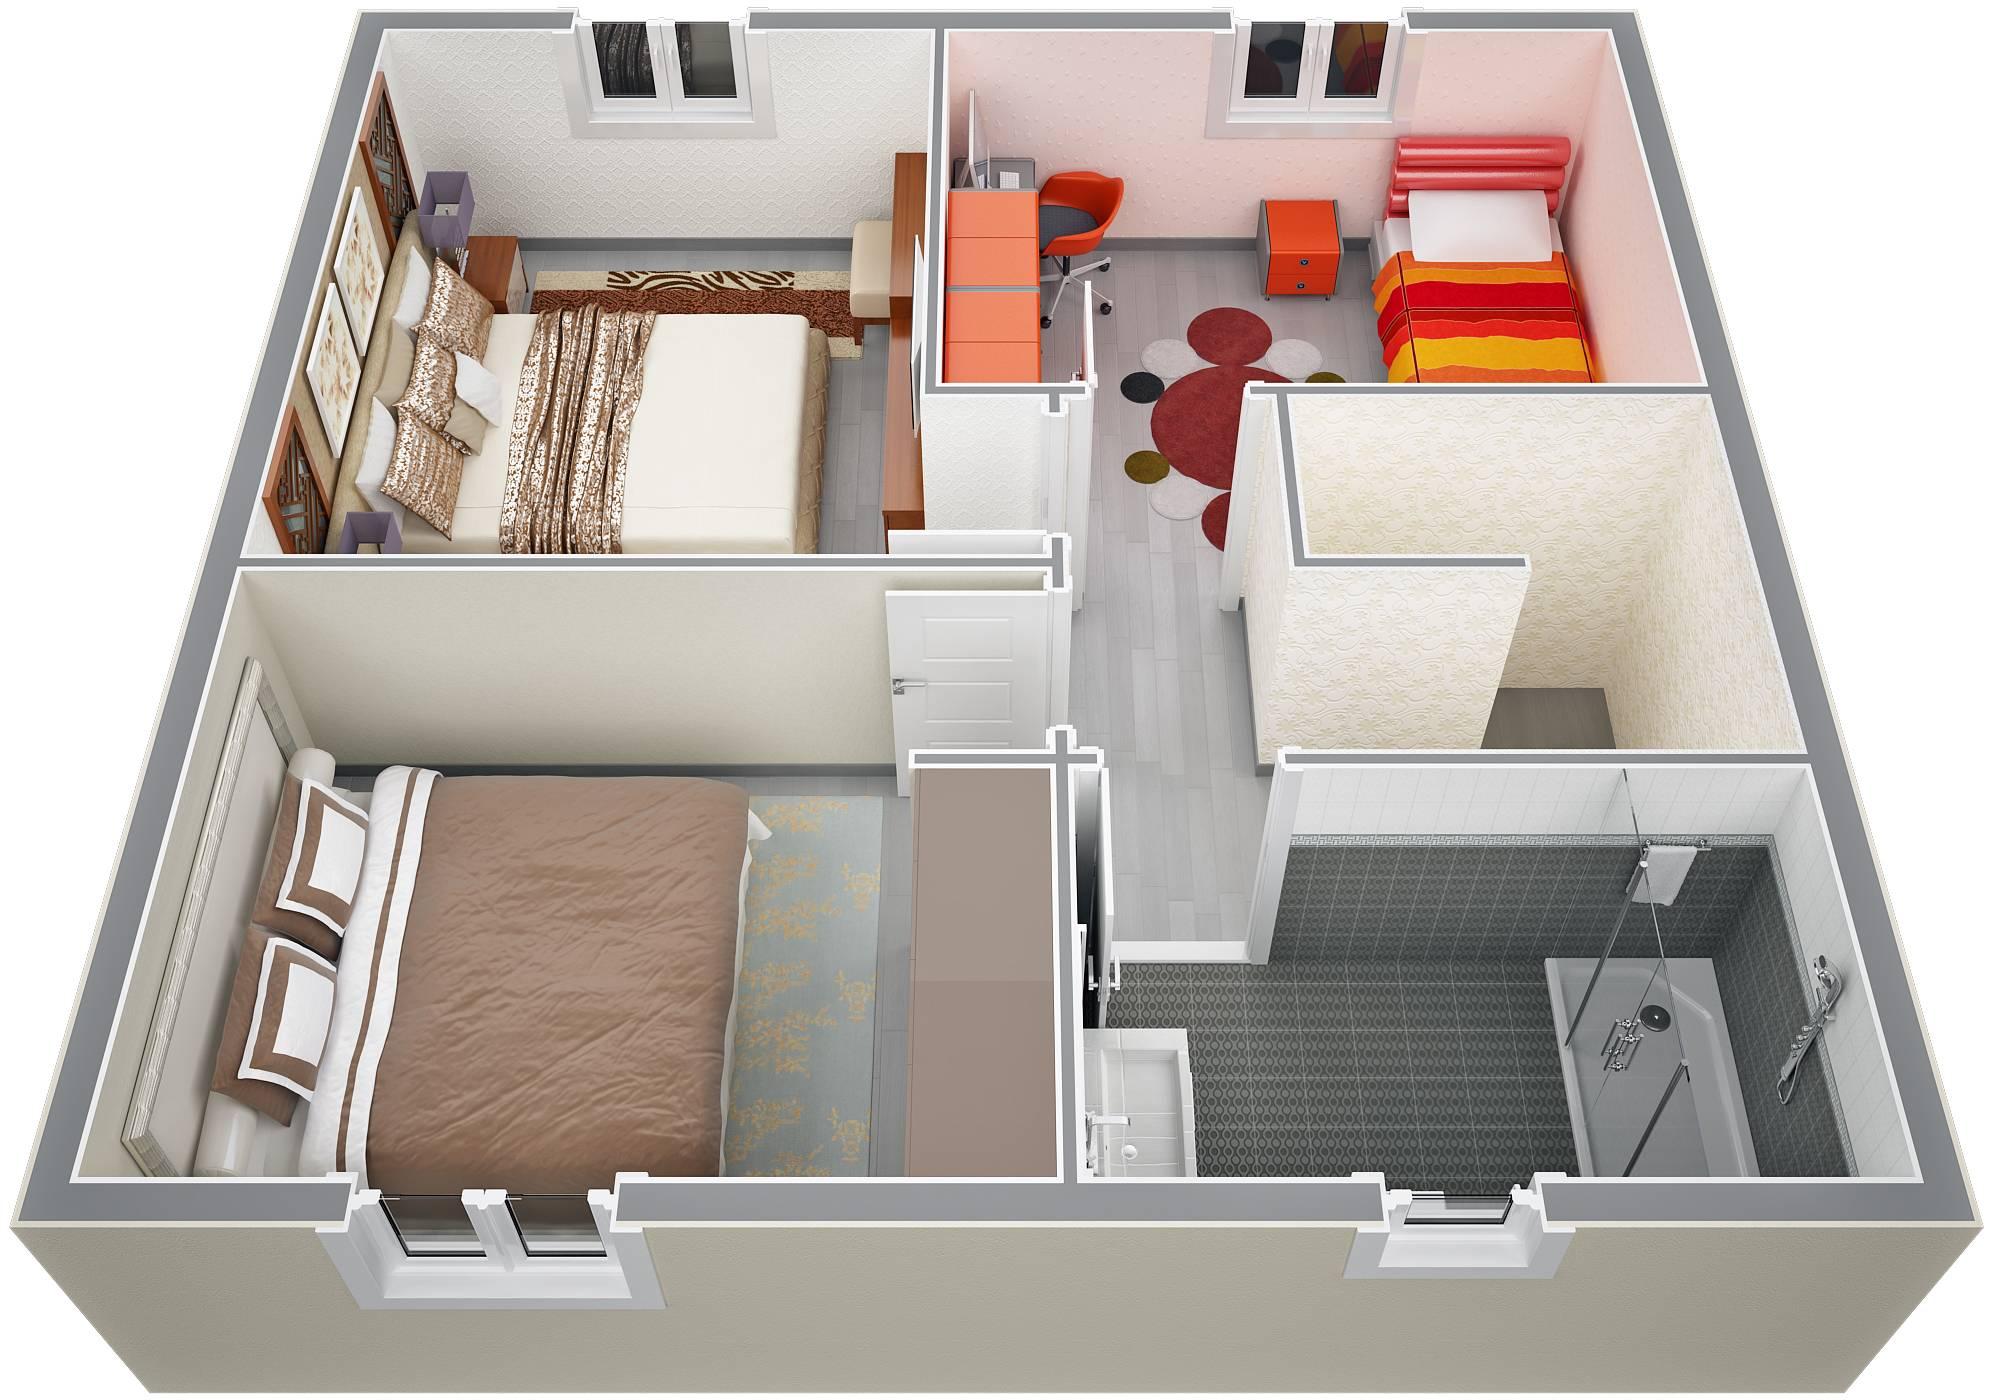 Villas cypr s 90m2 contruire dans la r gion paca mod les for Plan maison 90m2 3 chambres